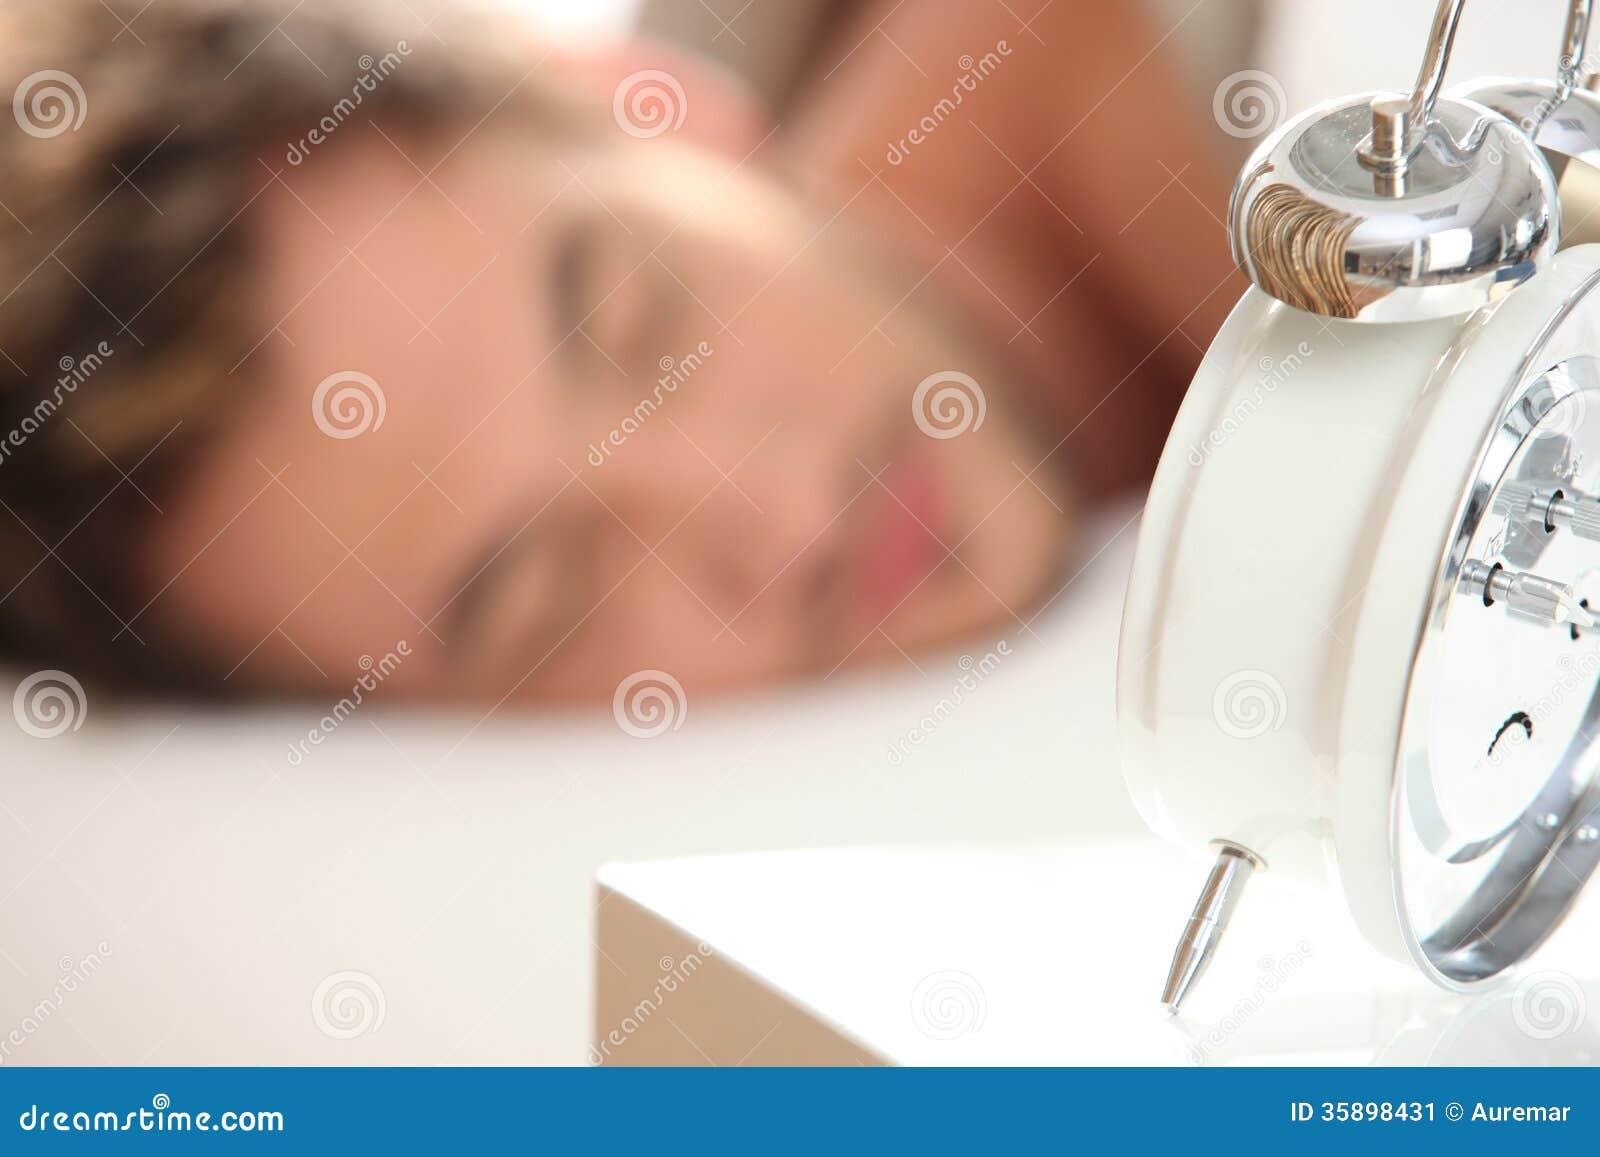 Hombre joven dormido